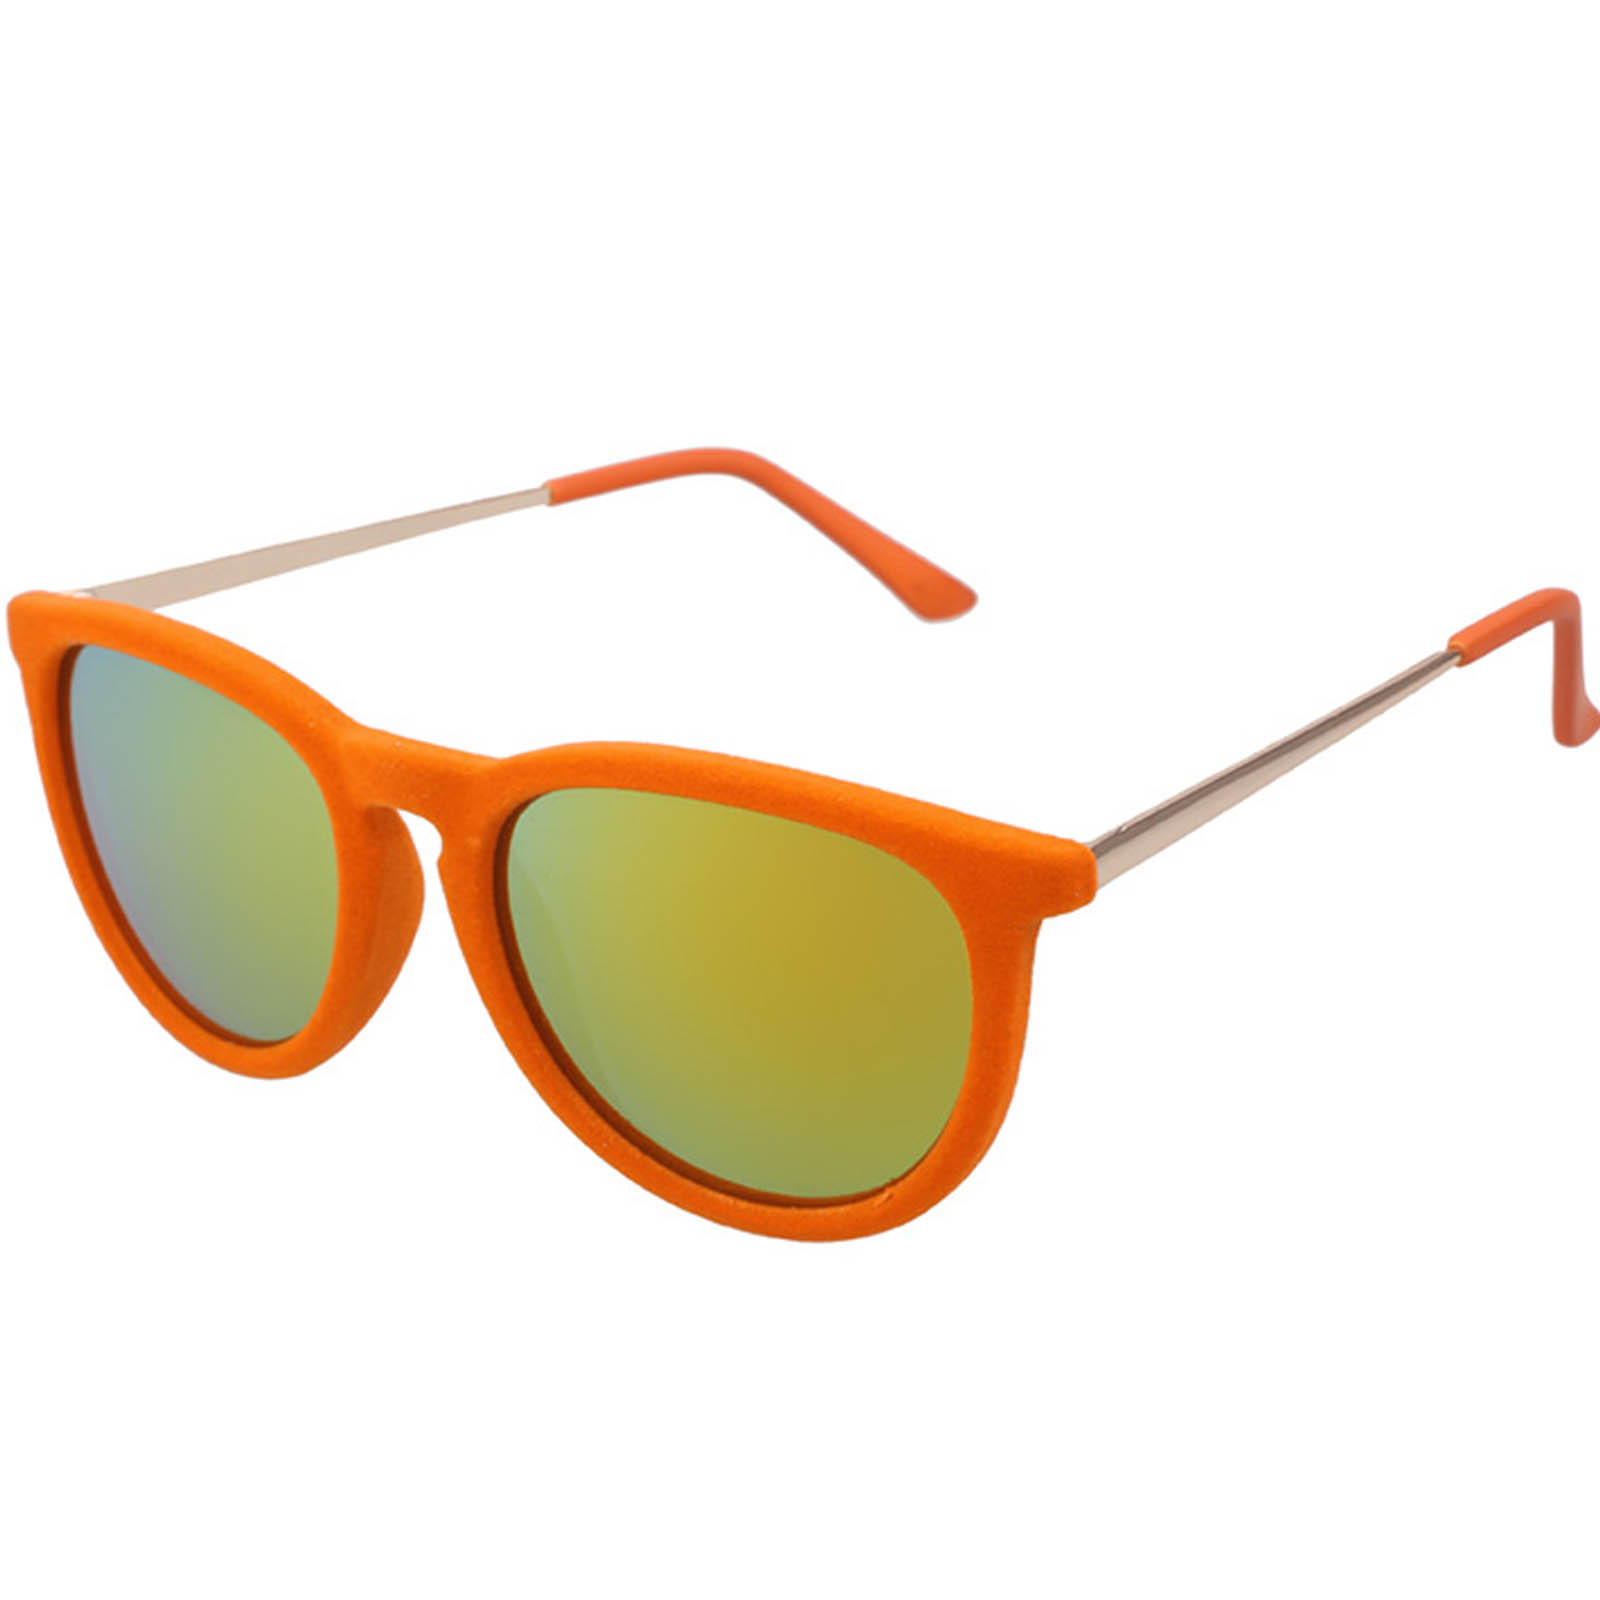 OWL ® 053 C5 Eyewear Sunglasses Women\'s Men\'s Plastic Velvet Orange ...